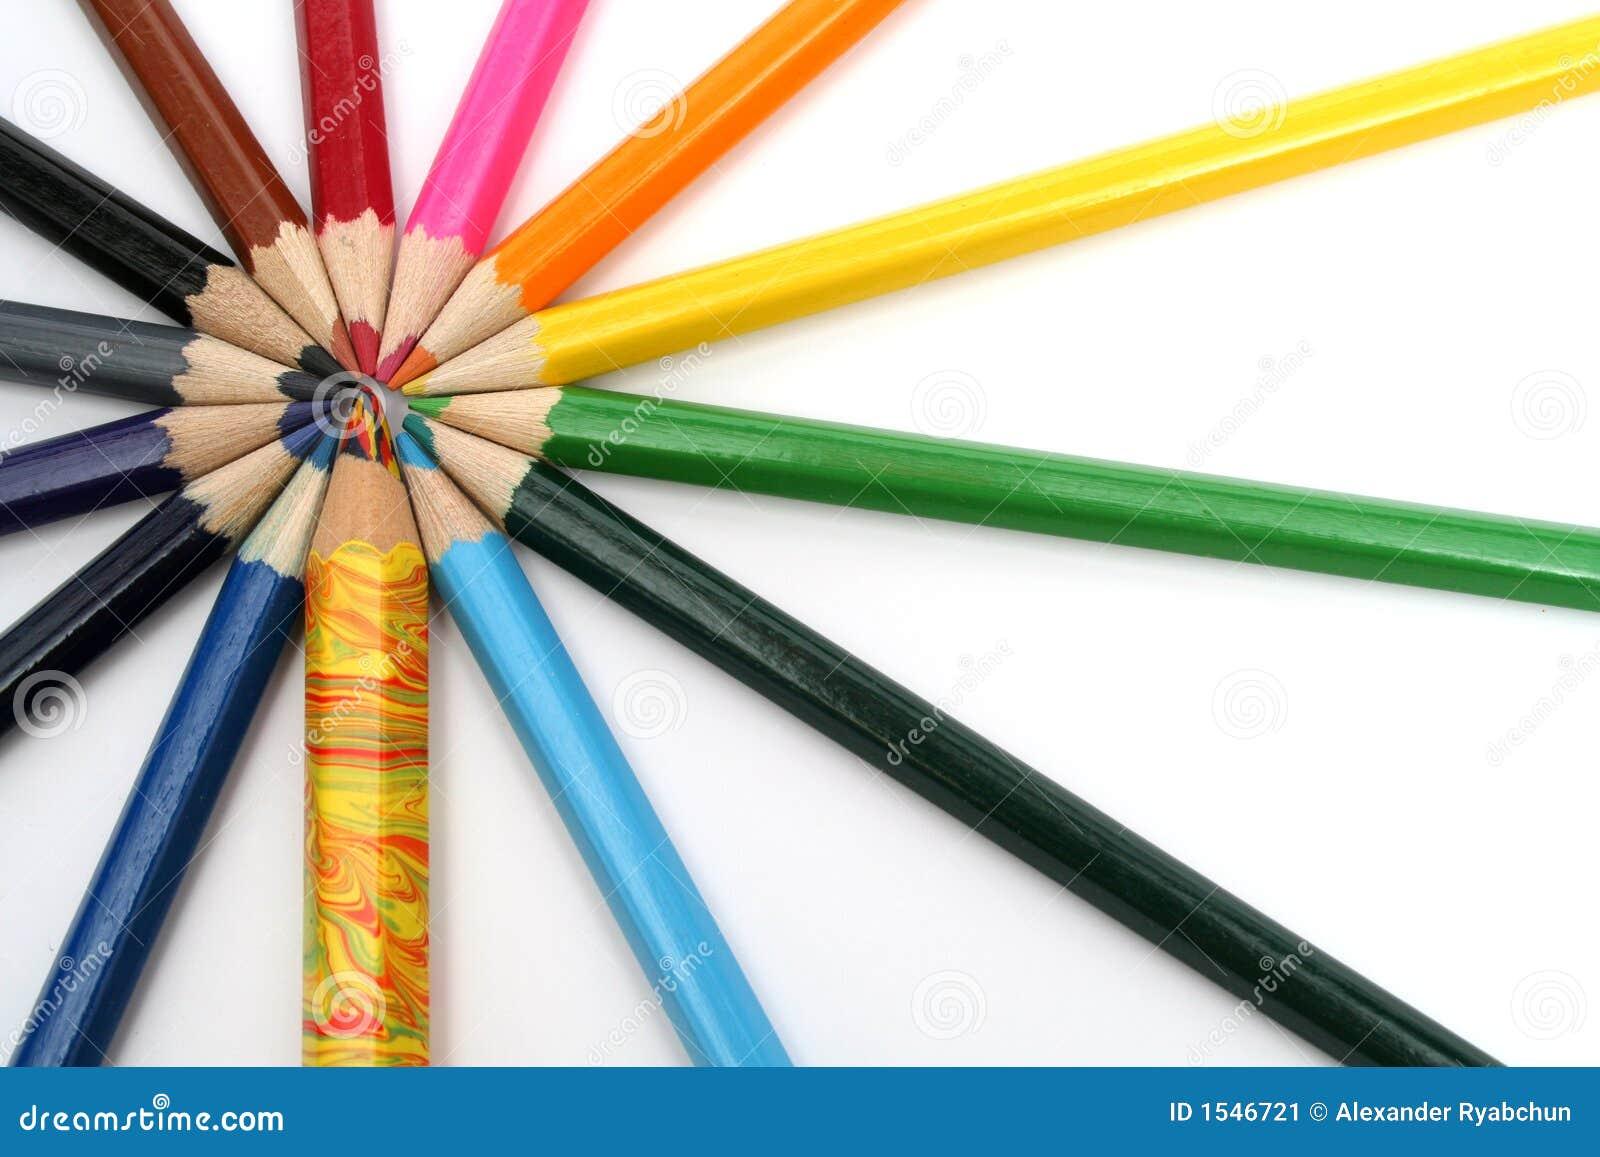 γύρω από τα μολύβια ανταγων